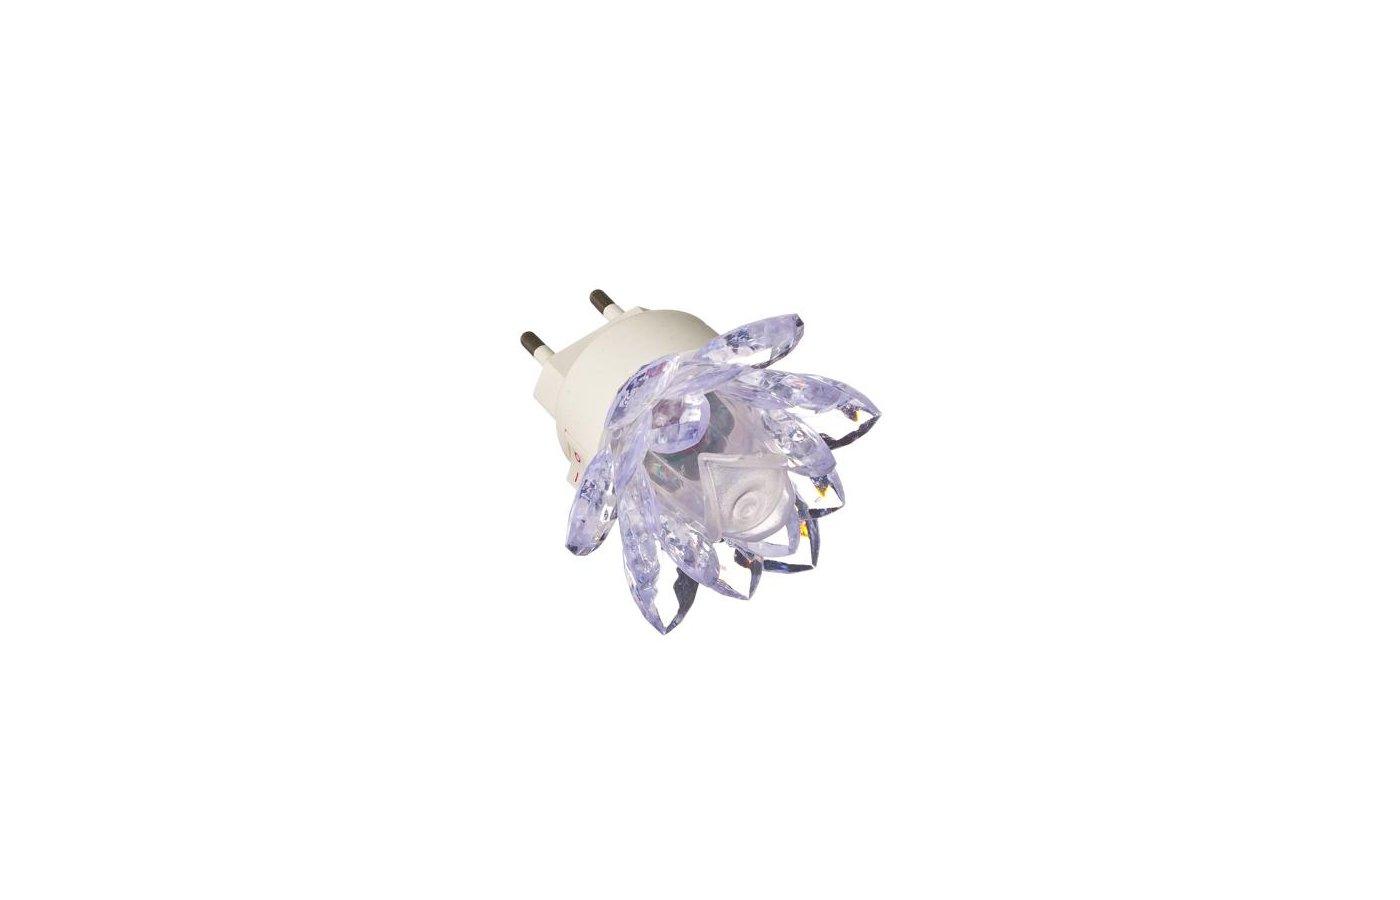 Декоративный светильник 920-033 Светильник-ночник в розетку Лилия с переключателем 0.2Вт пластик металл 7х7см